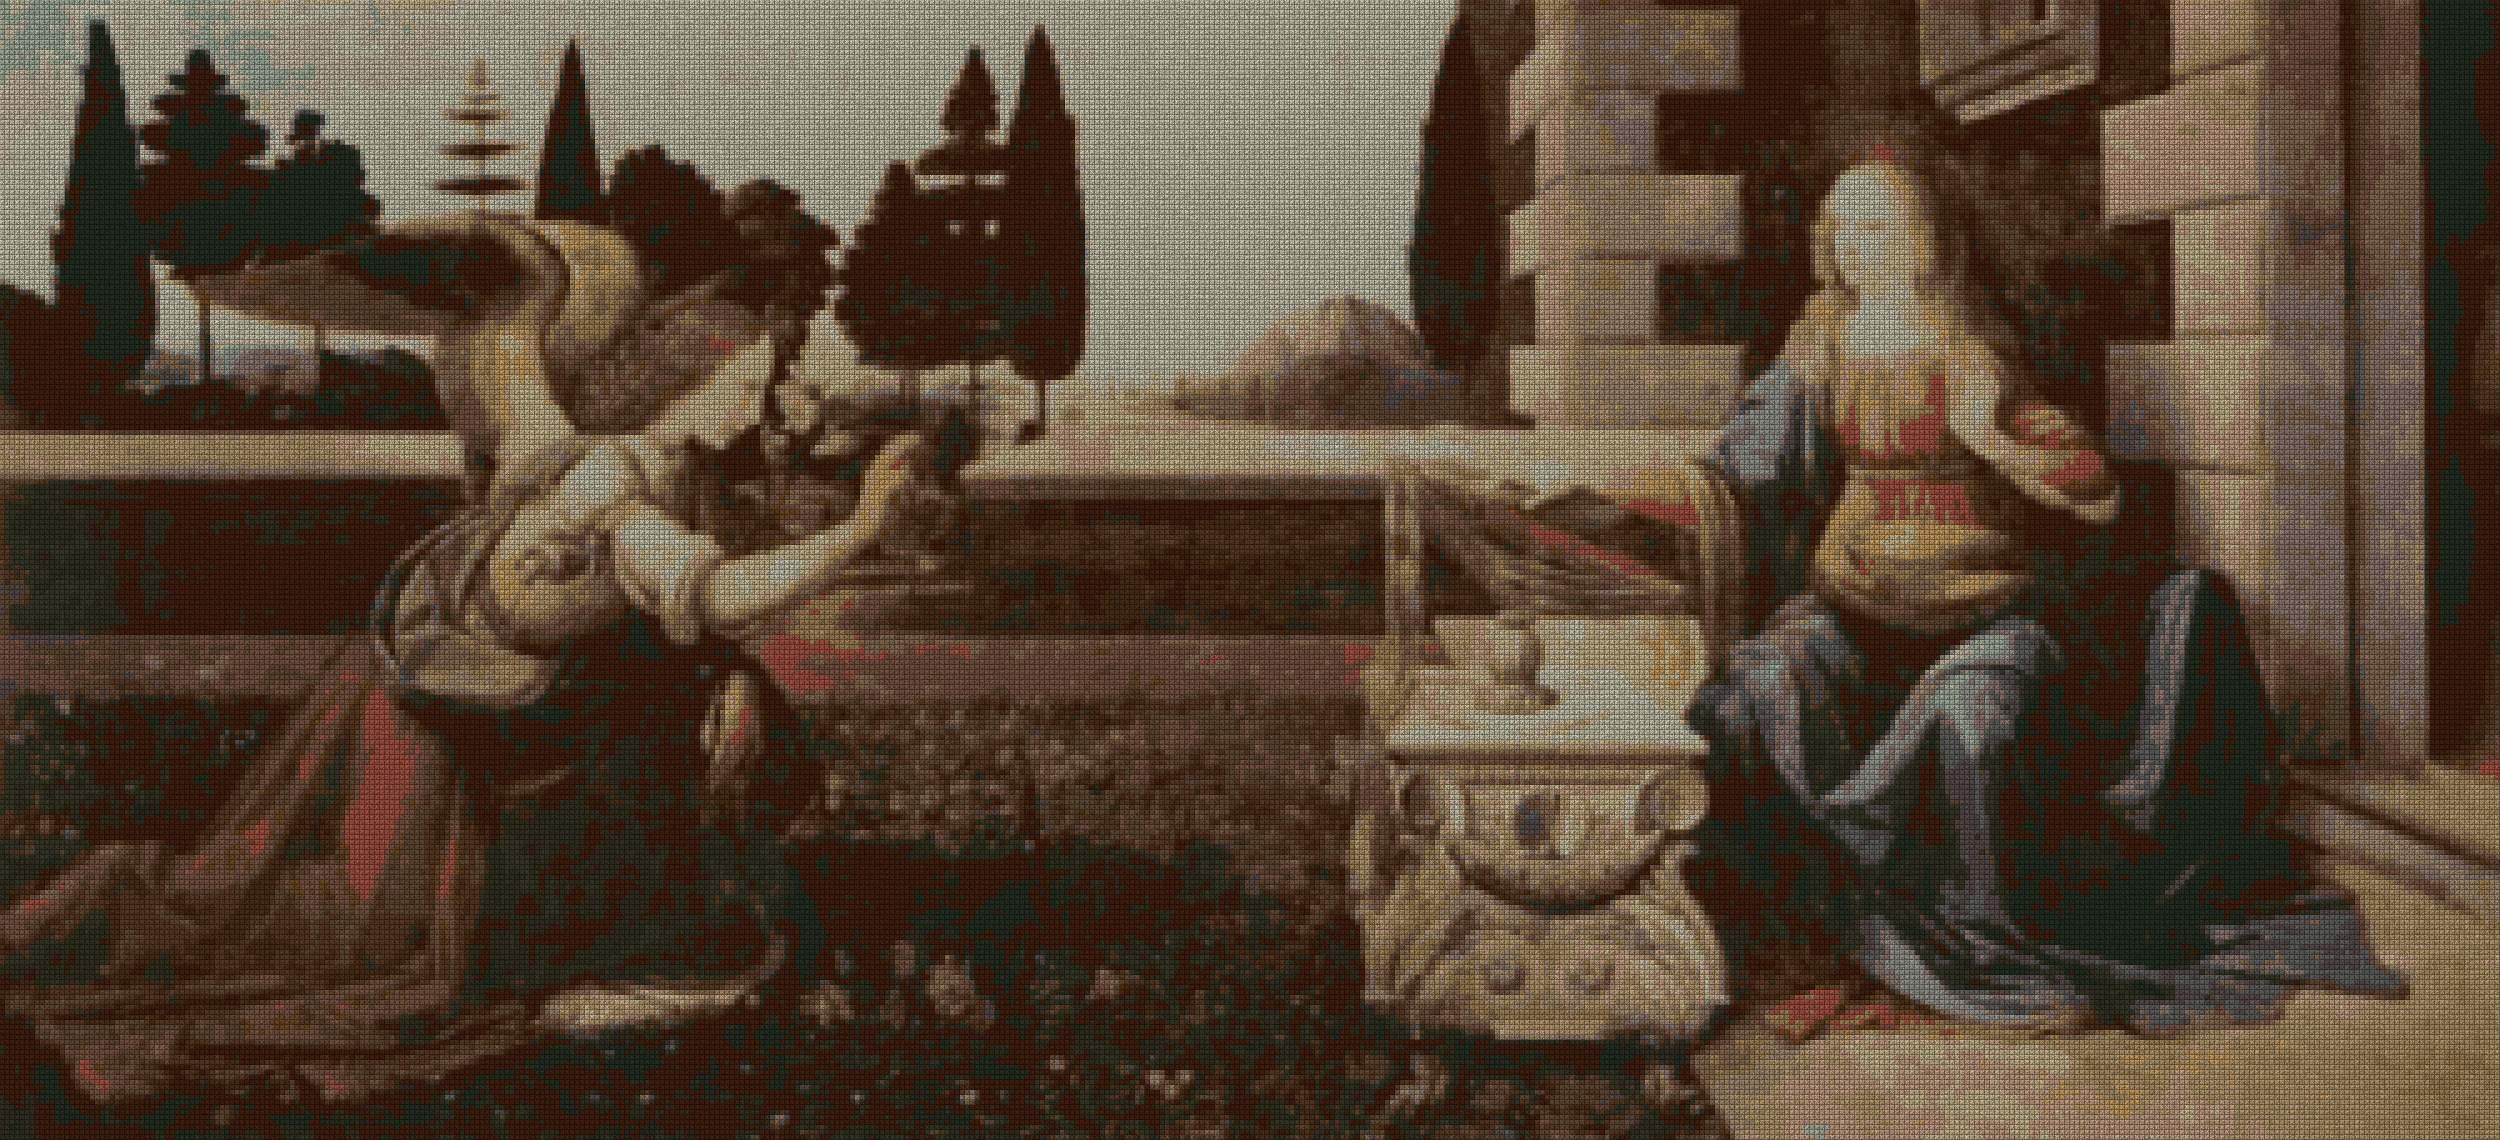 pittori_classici/leonardo/leonardo_annunciazione_500x228.JPG